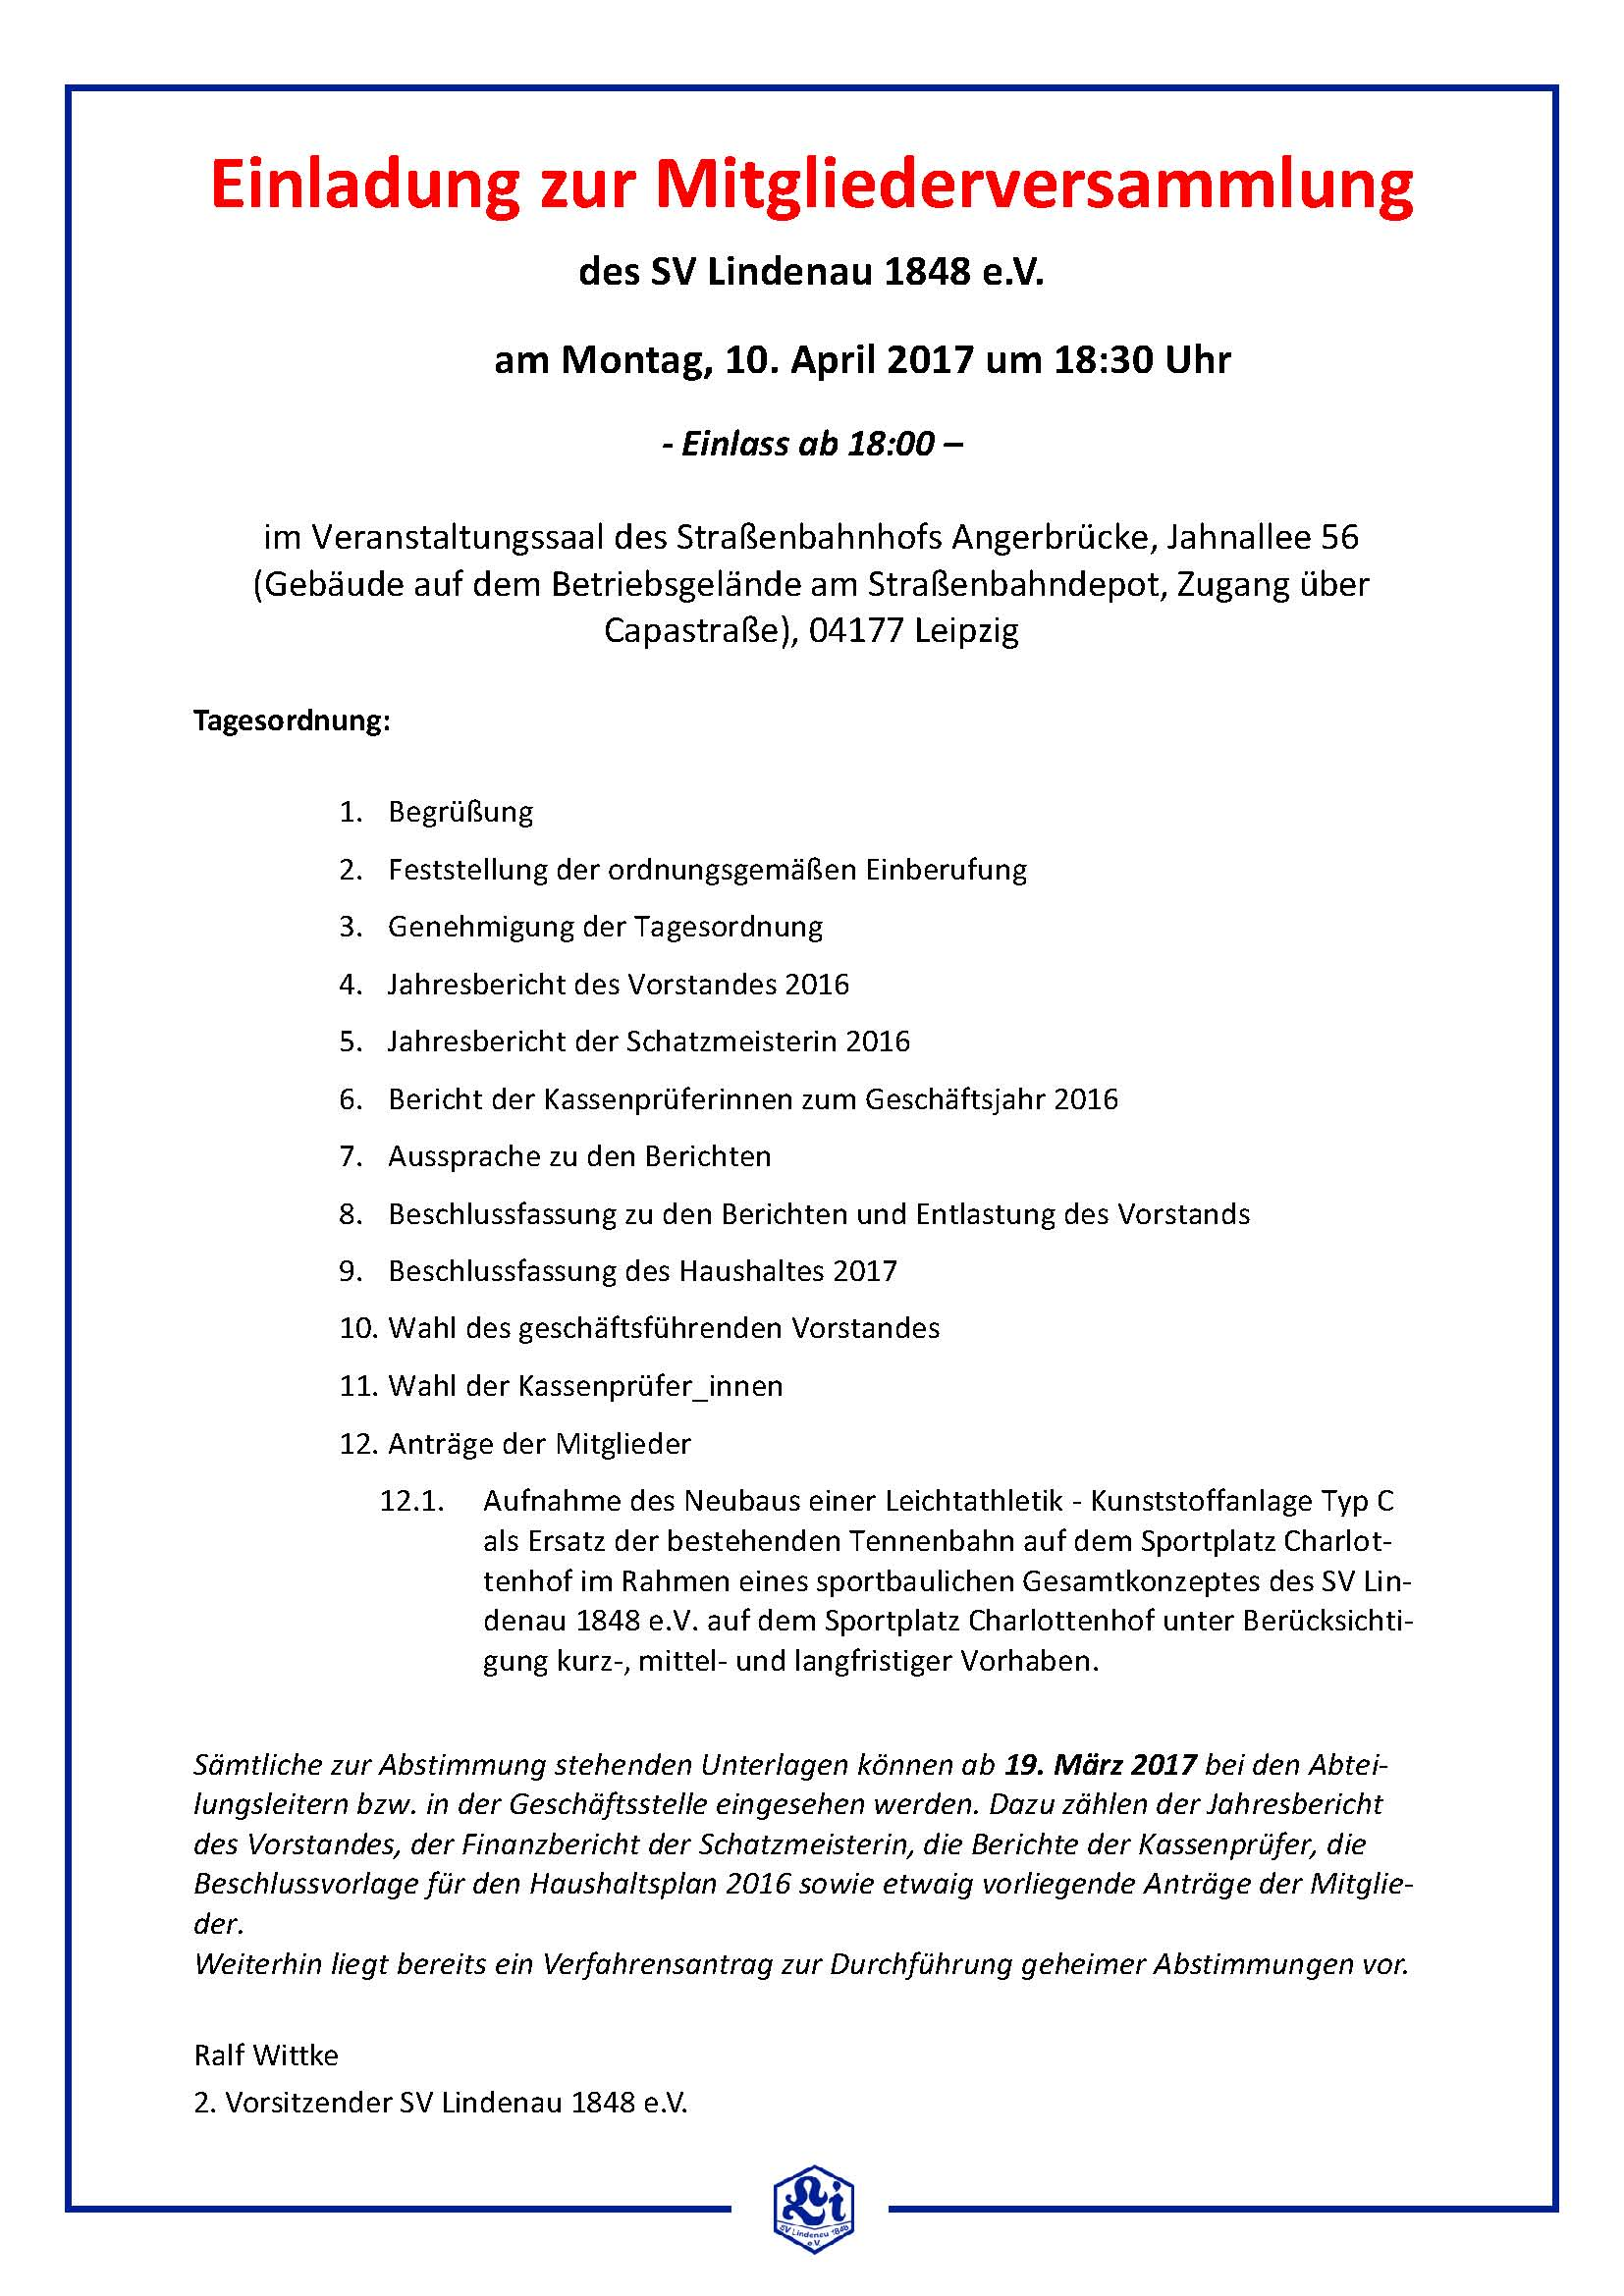 einladung zur mitgliederversammlung 2017 – sv lindenau 1848 e.v., Einladung